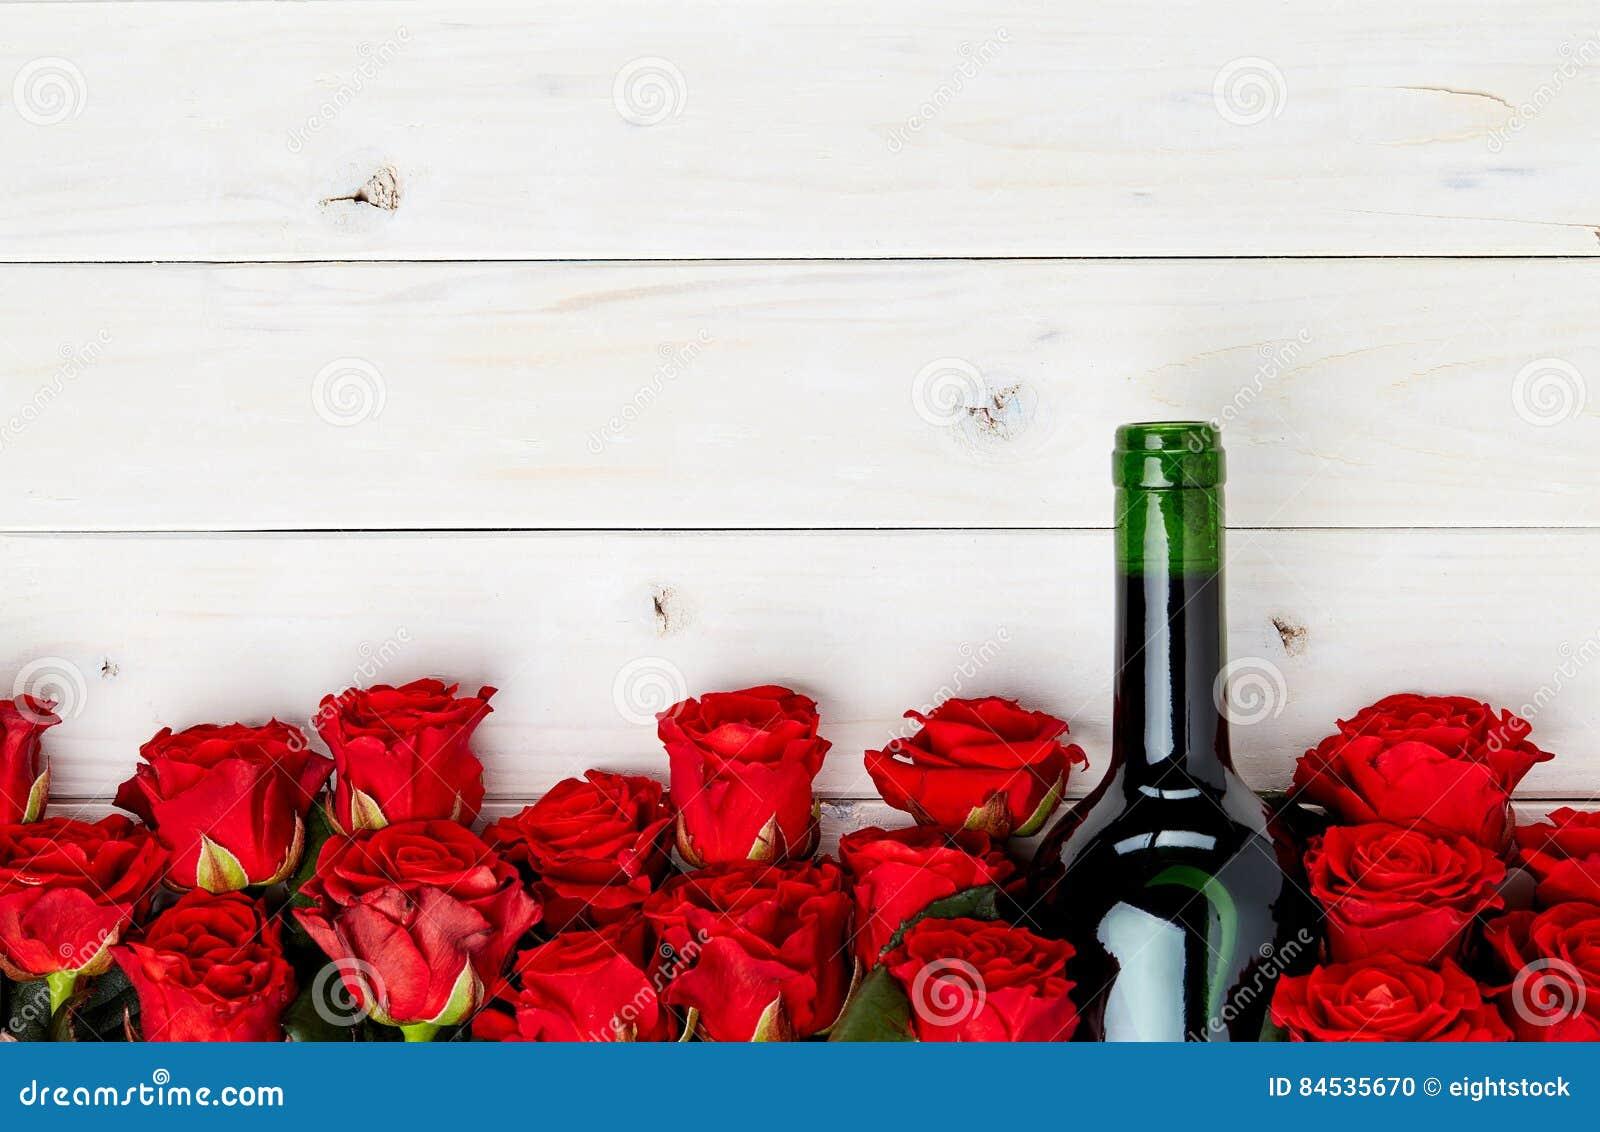 Rote Rosen und Wein auf weißem Hintergrund